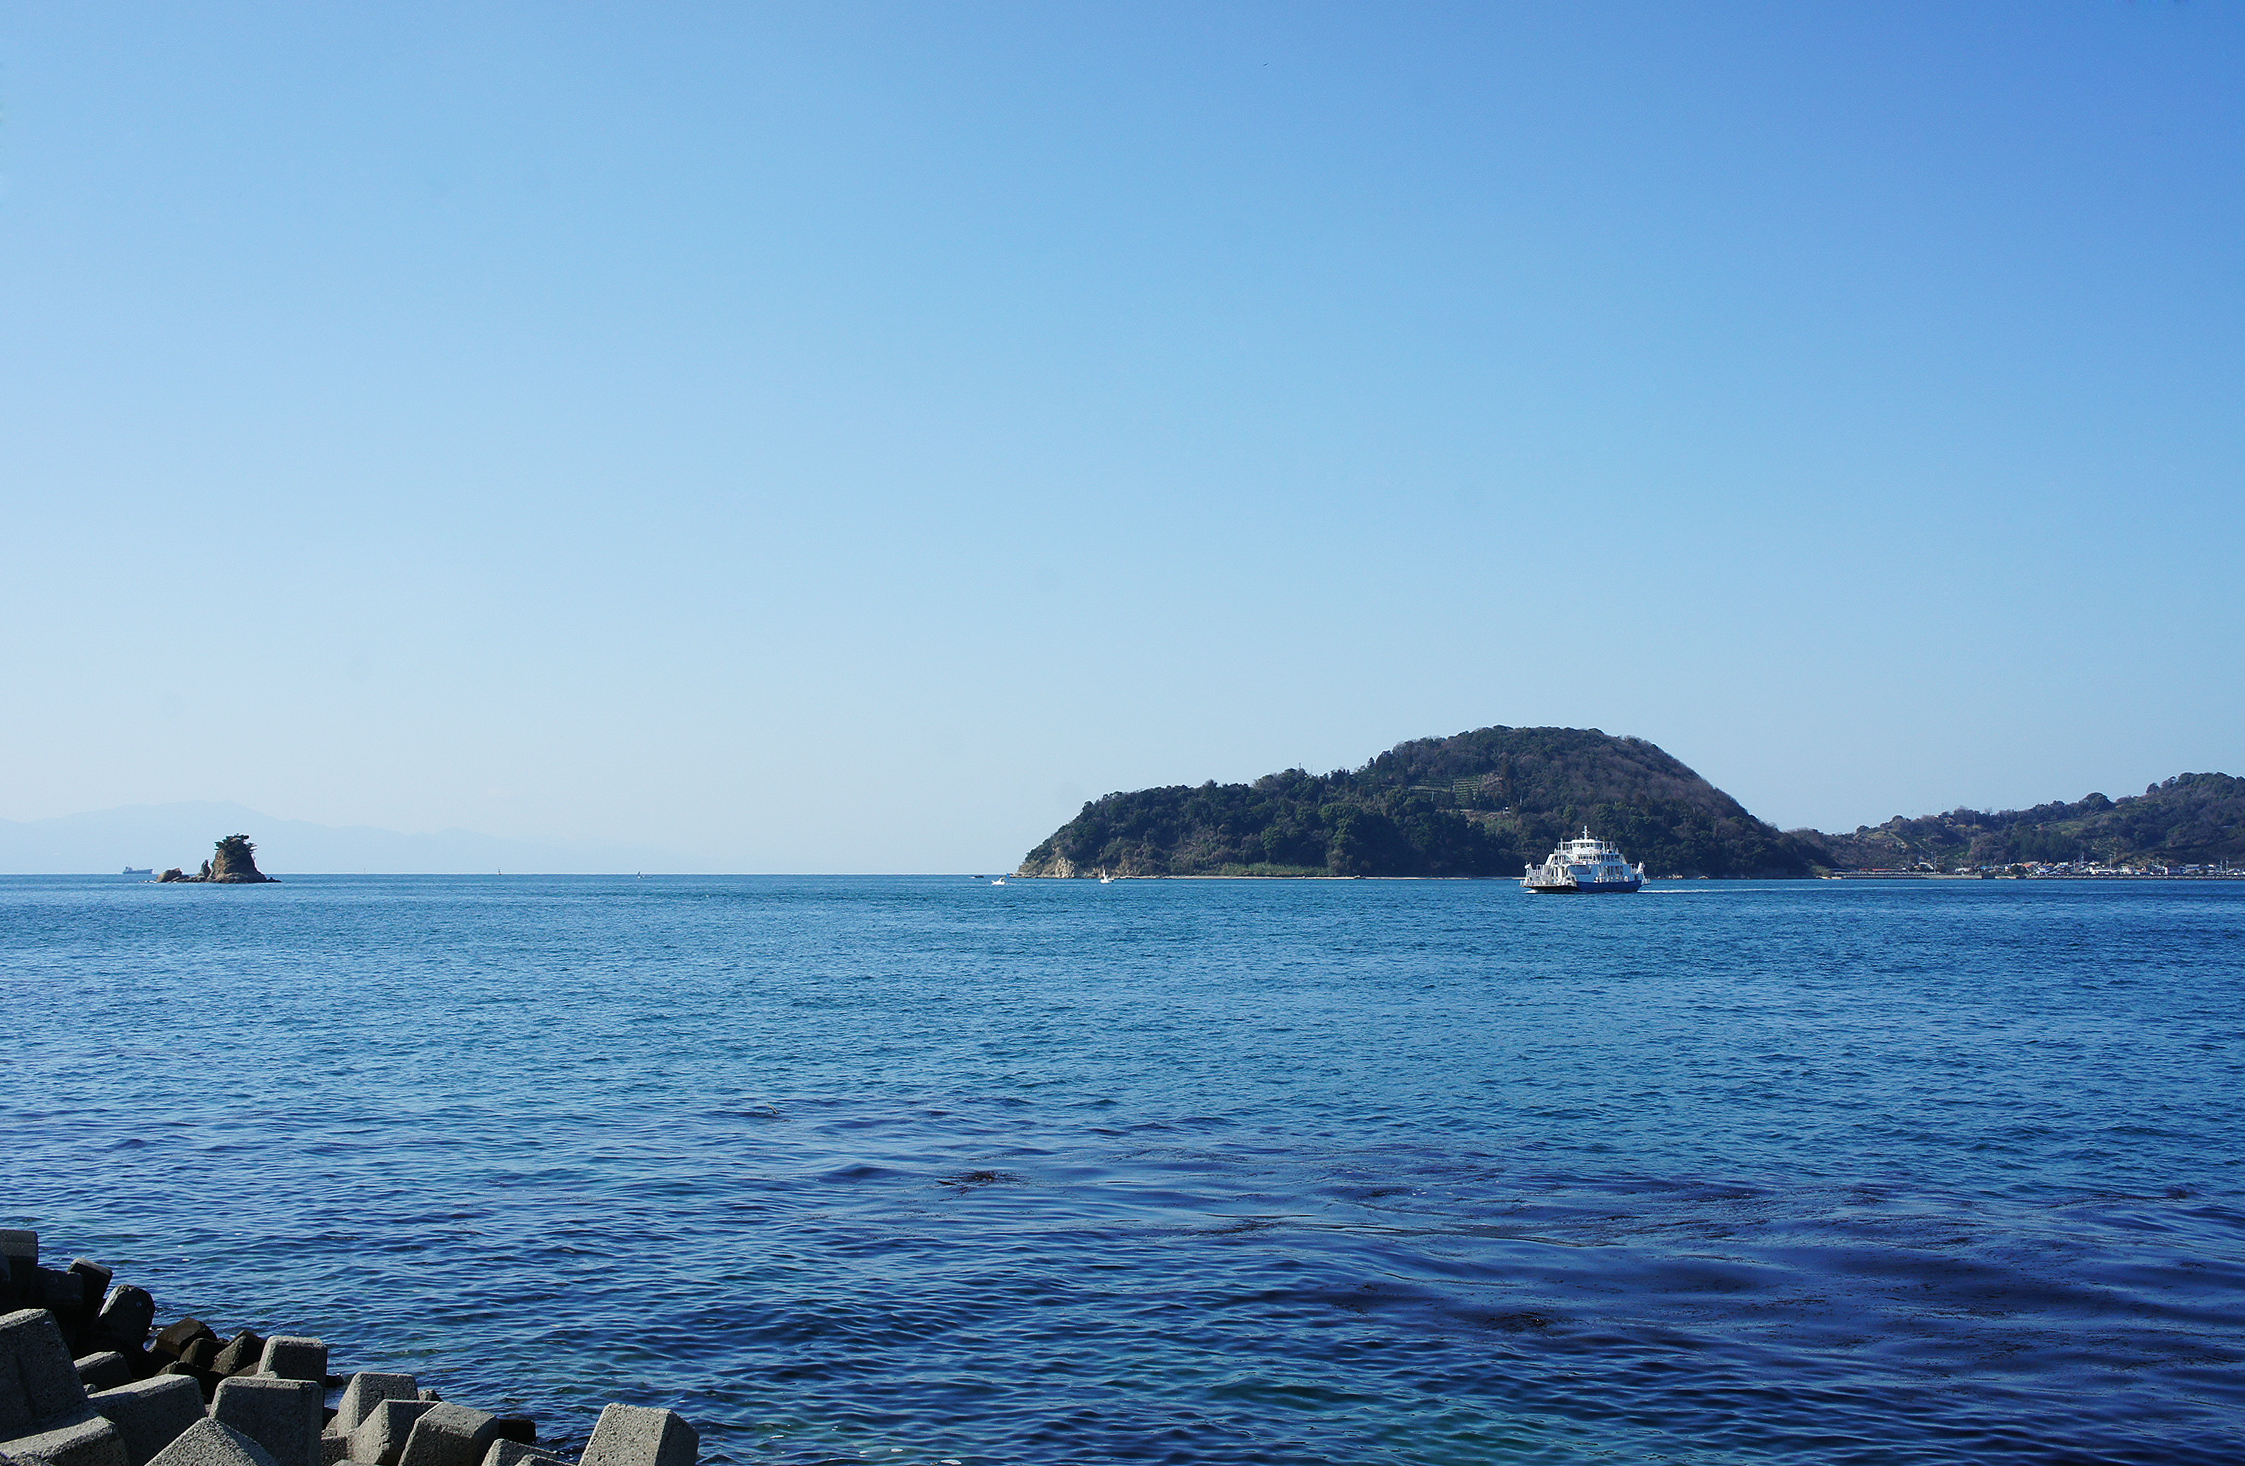 写真で見る松山の風景